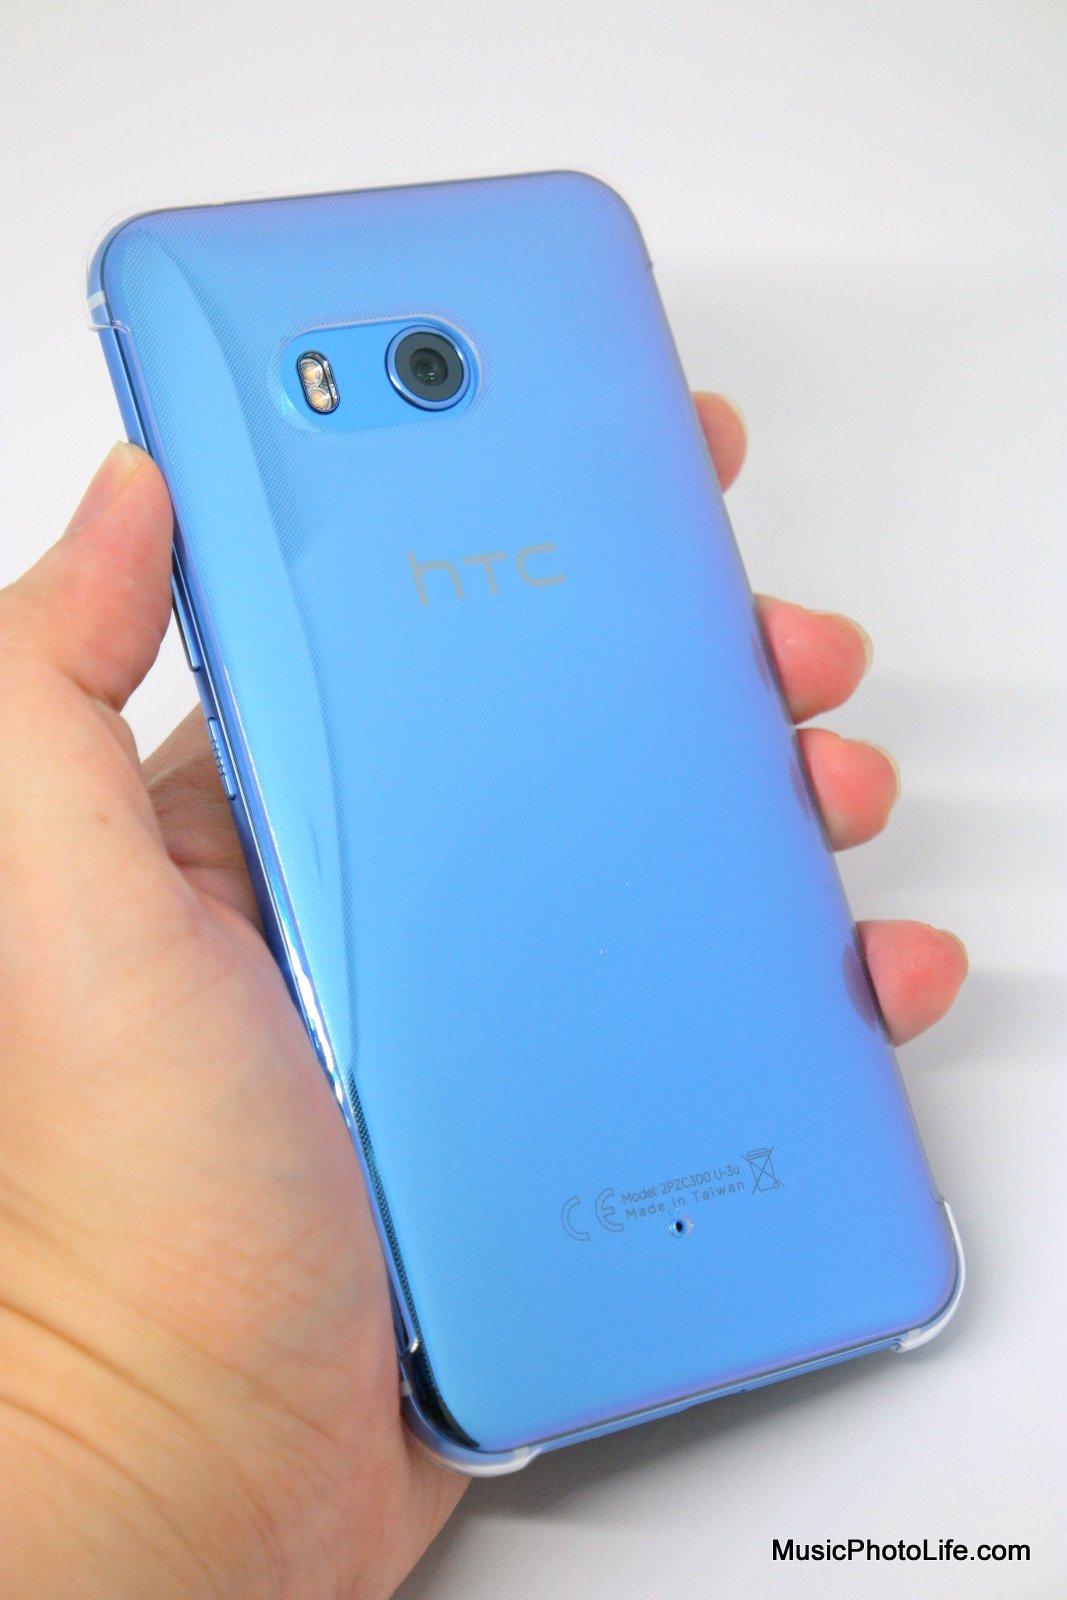 HTC U11 review by musicphotolife.com